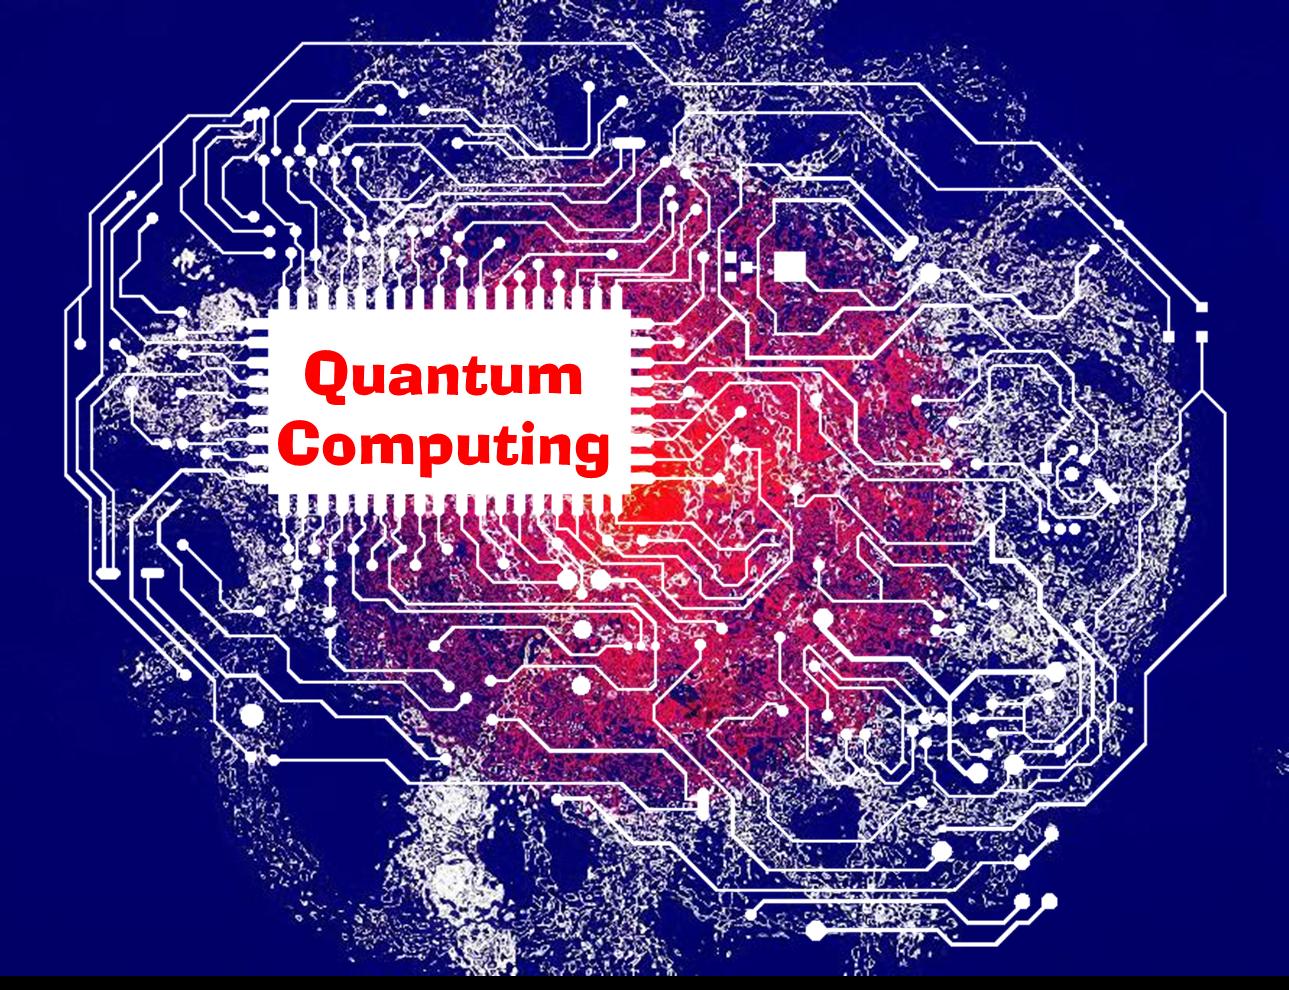 O que é e quais os impactos da Computação Quântica